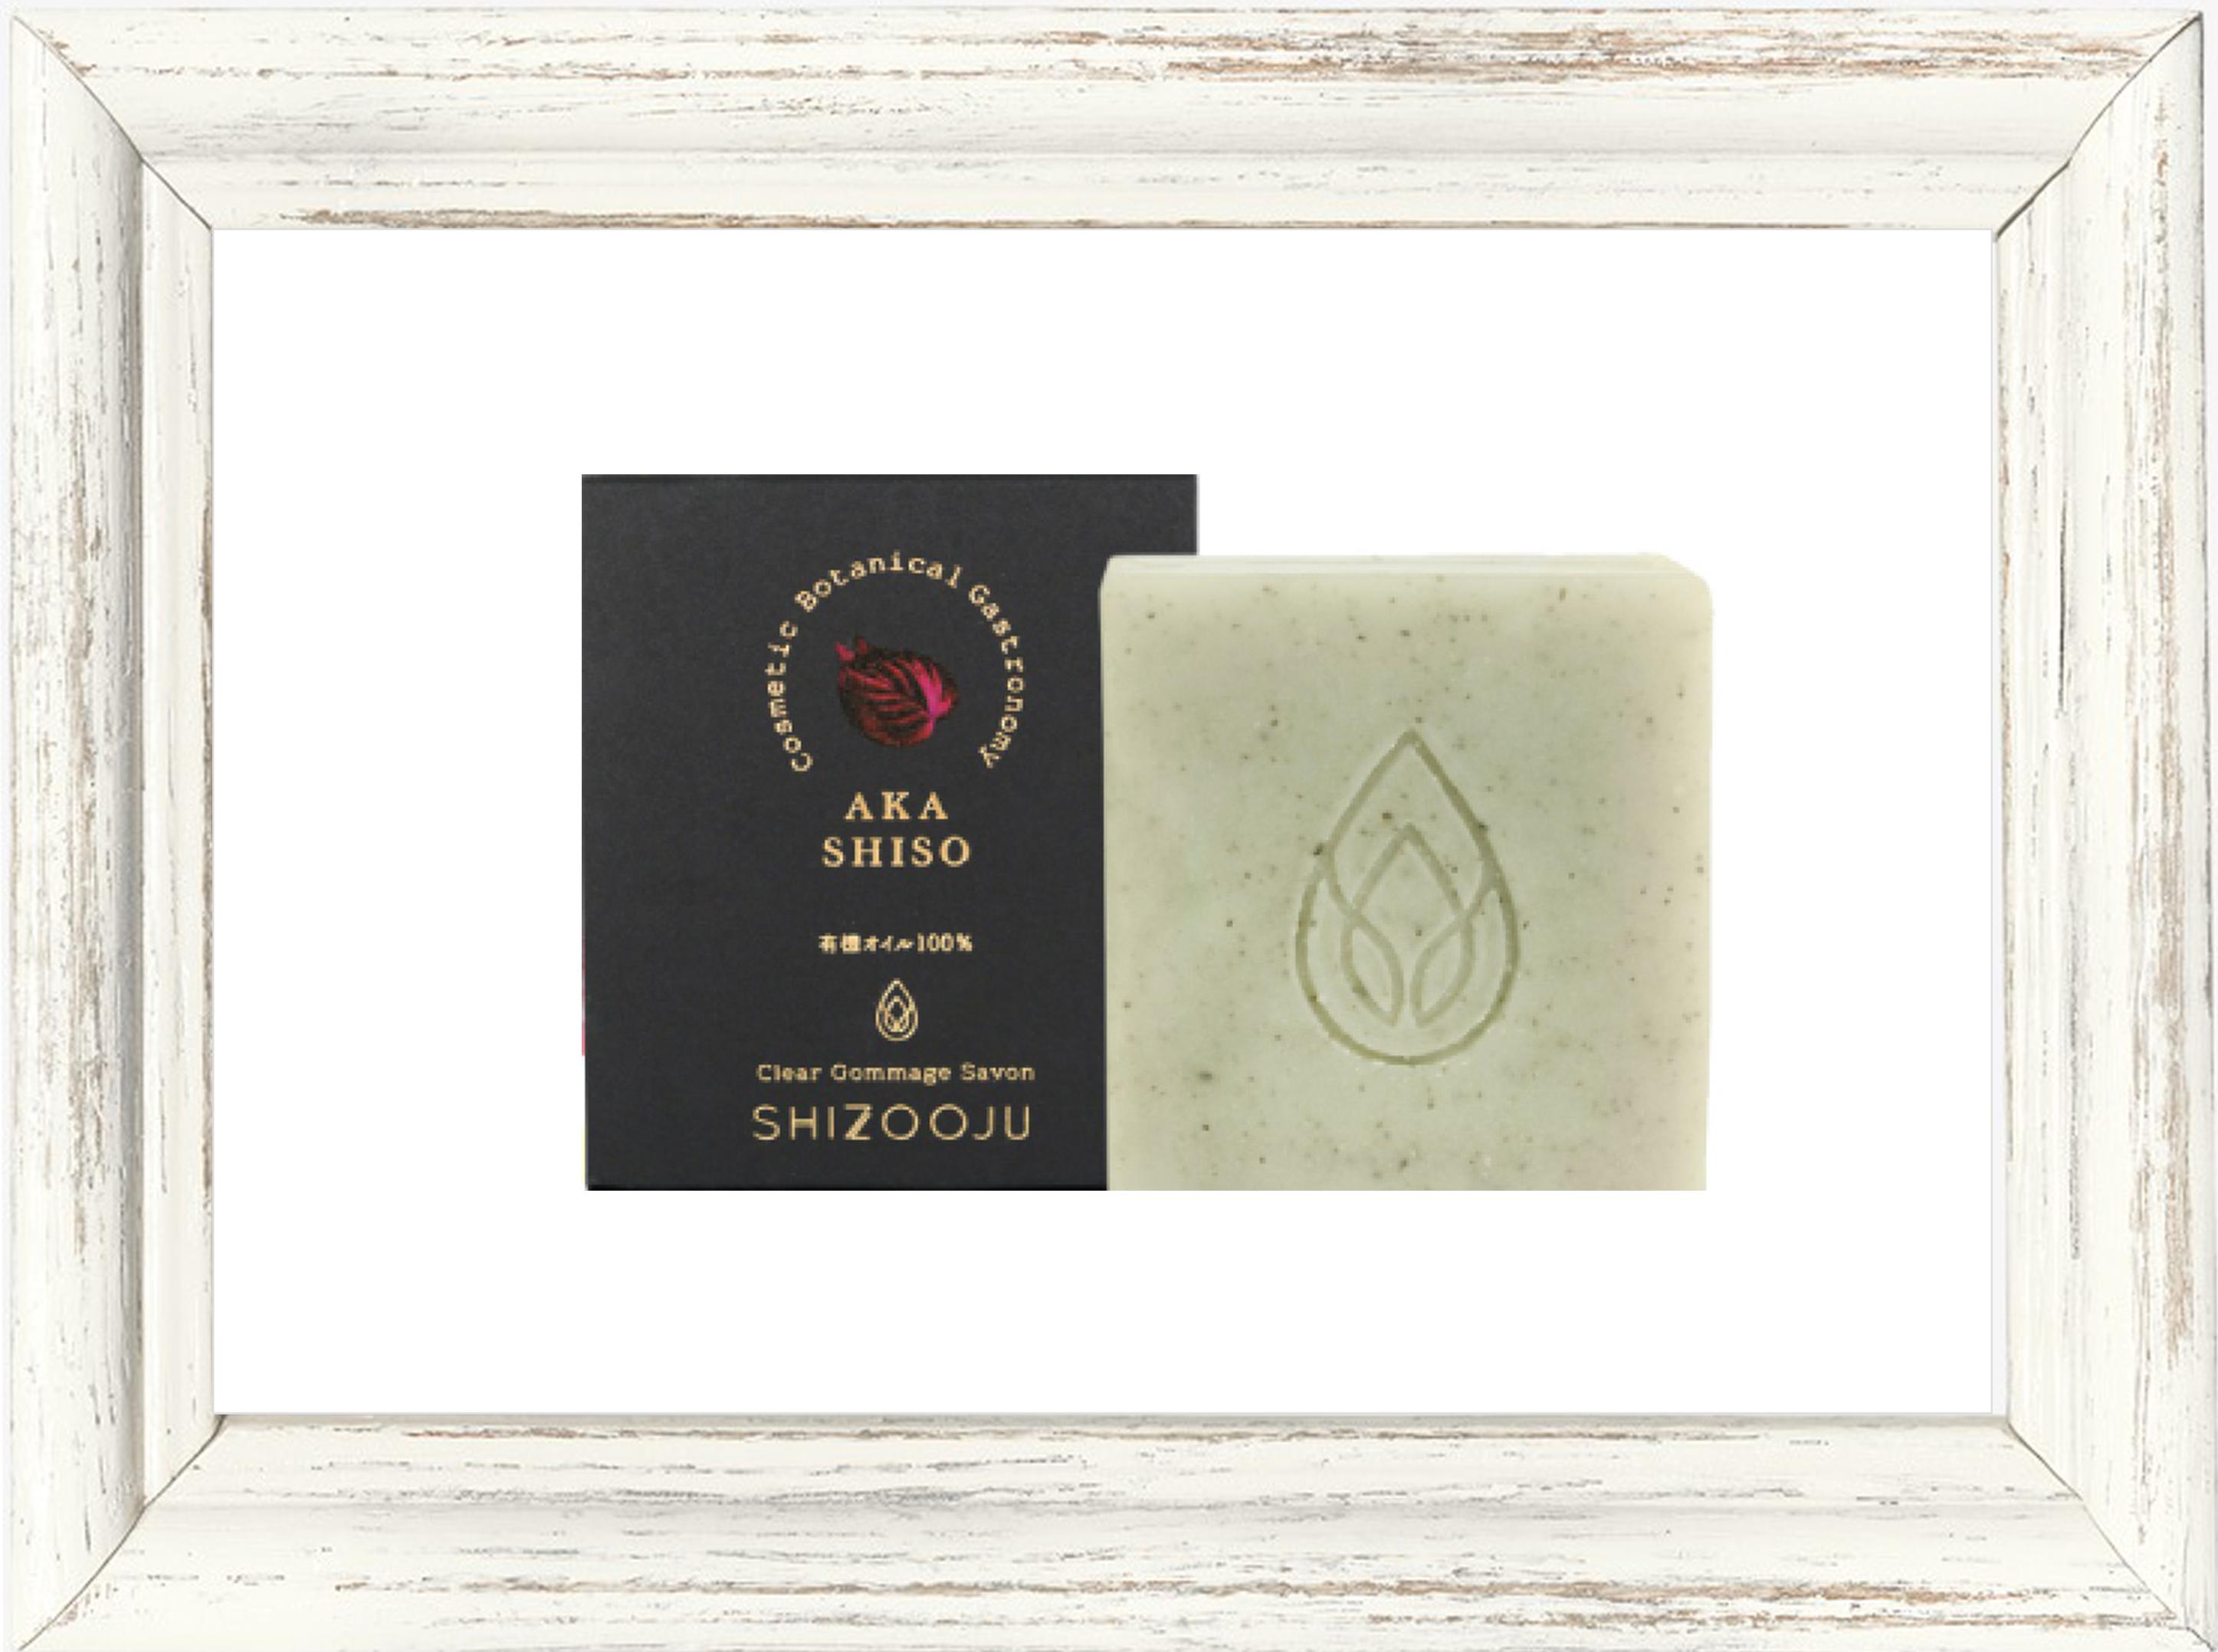 洗顔石鹸▶︎SHIZOOJU クリアゴマージェサボン